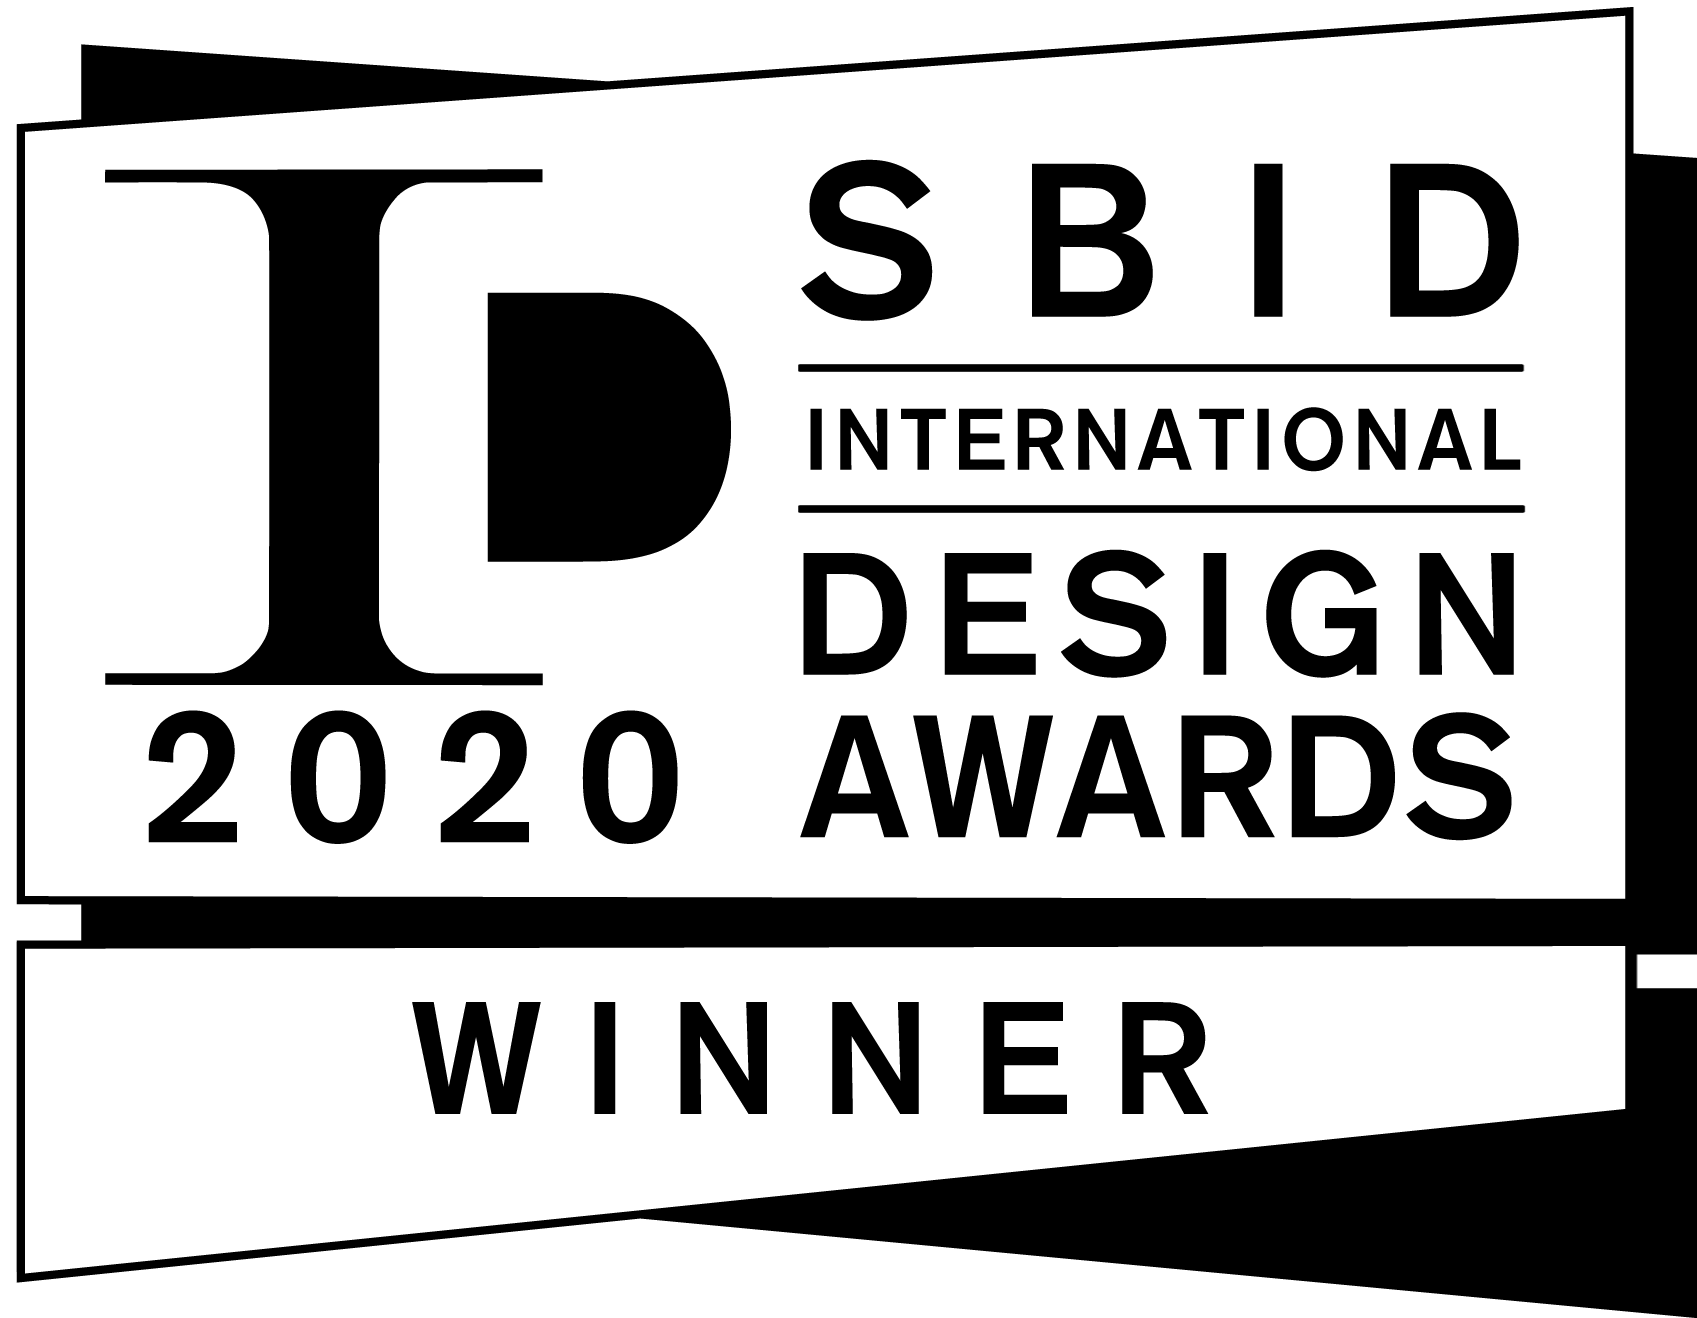 SBID Awards 2020 Winner Logo